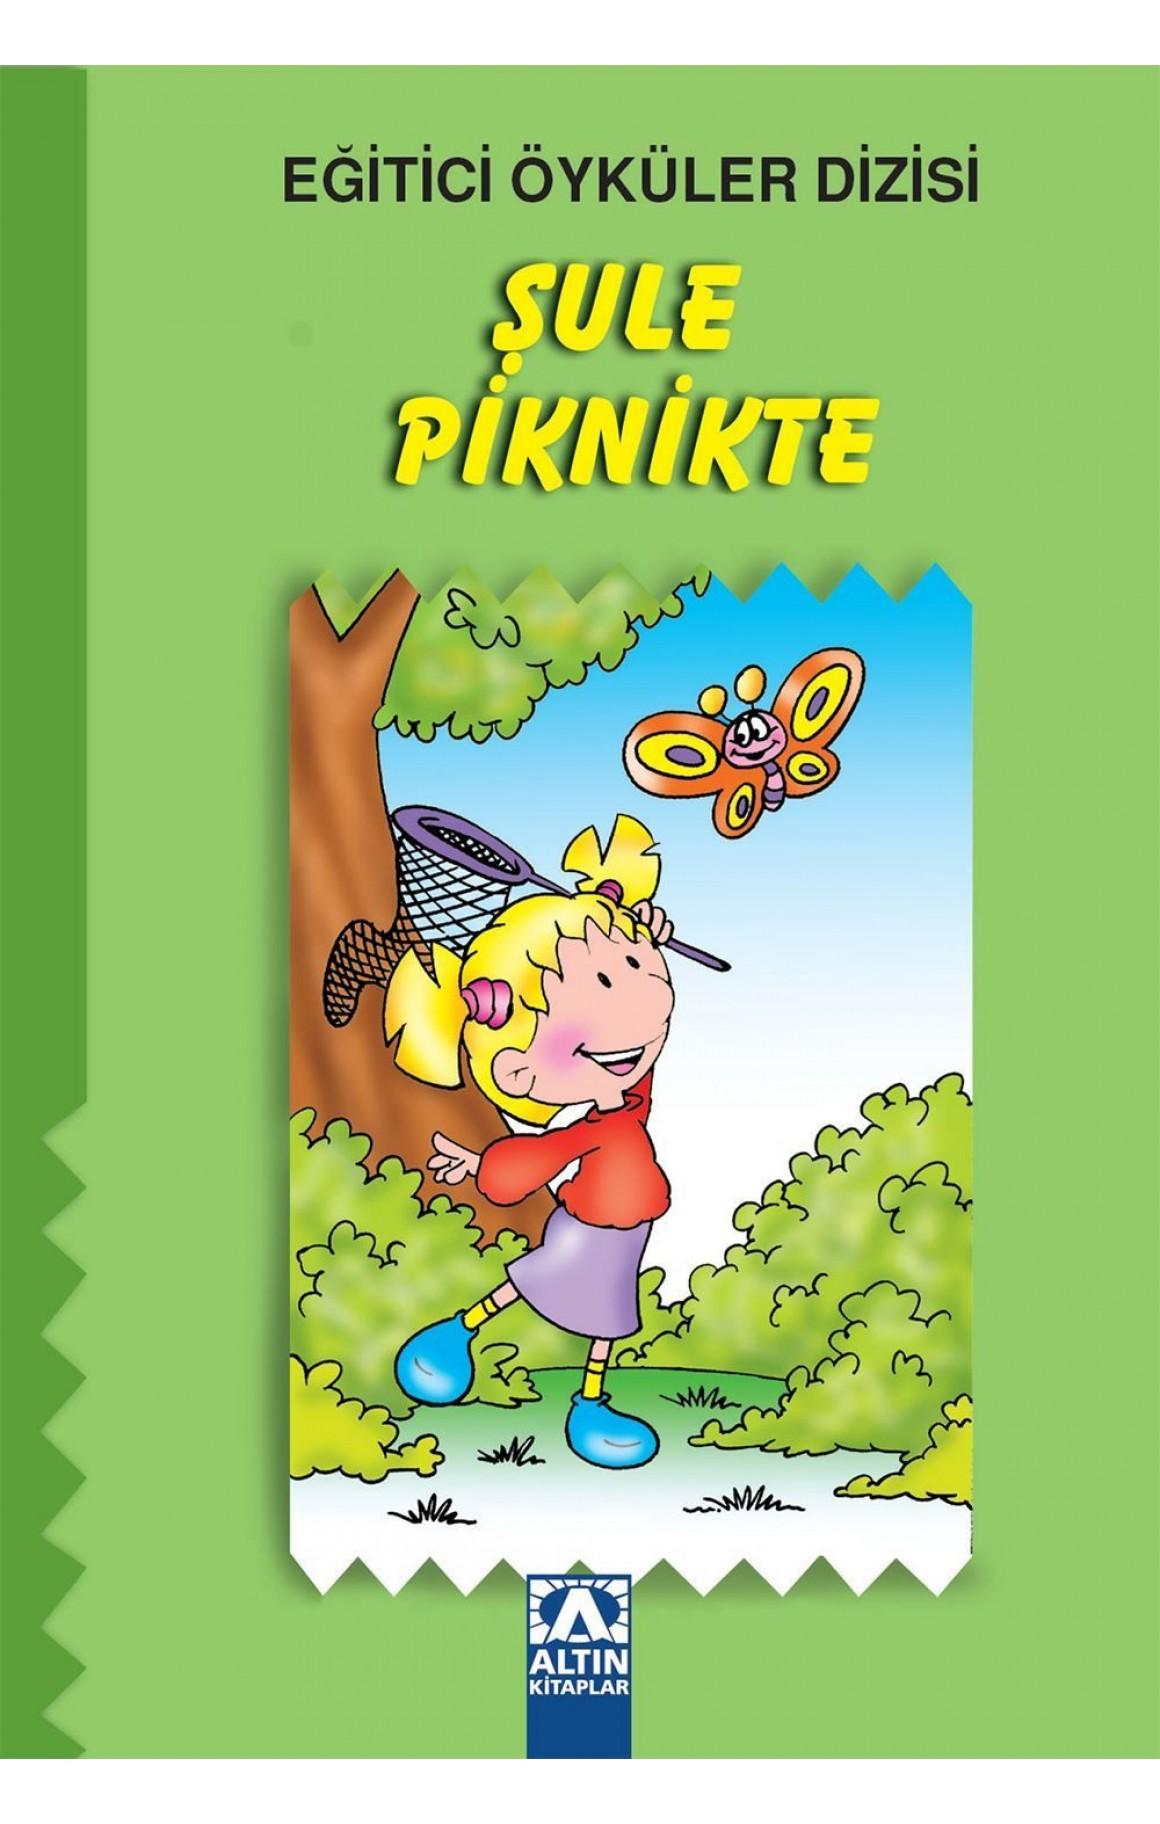 Eğitici Öyküler Dizisi - Şule Piknikte